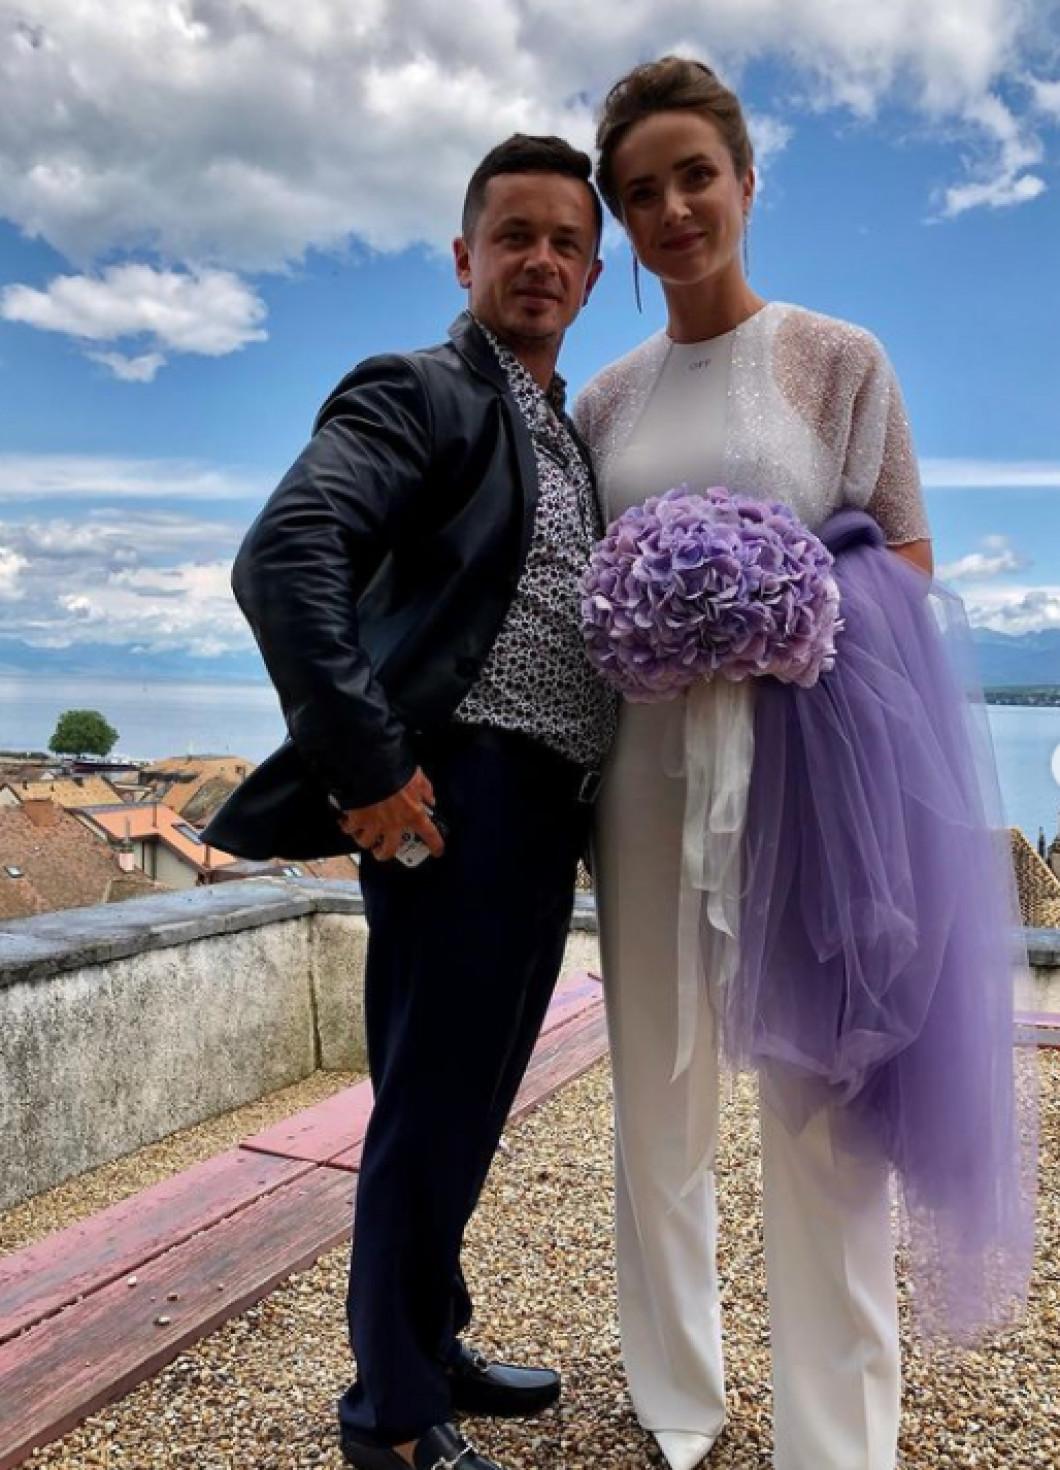 Imagini de la nunta lui Gael Monfils și Elina Svitolina / Sursă Foto : Instagram @svitolin_